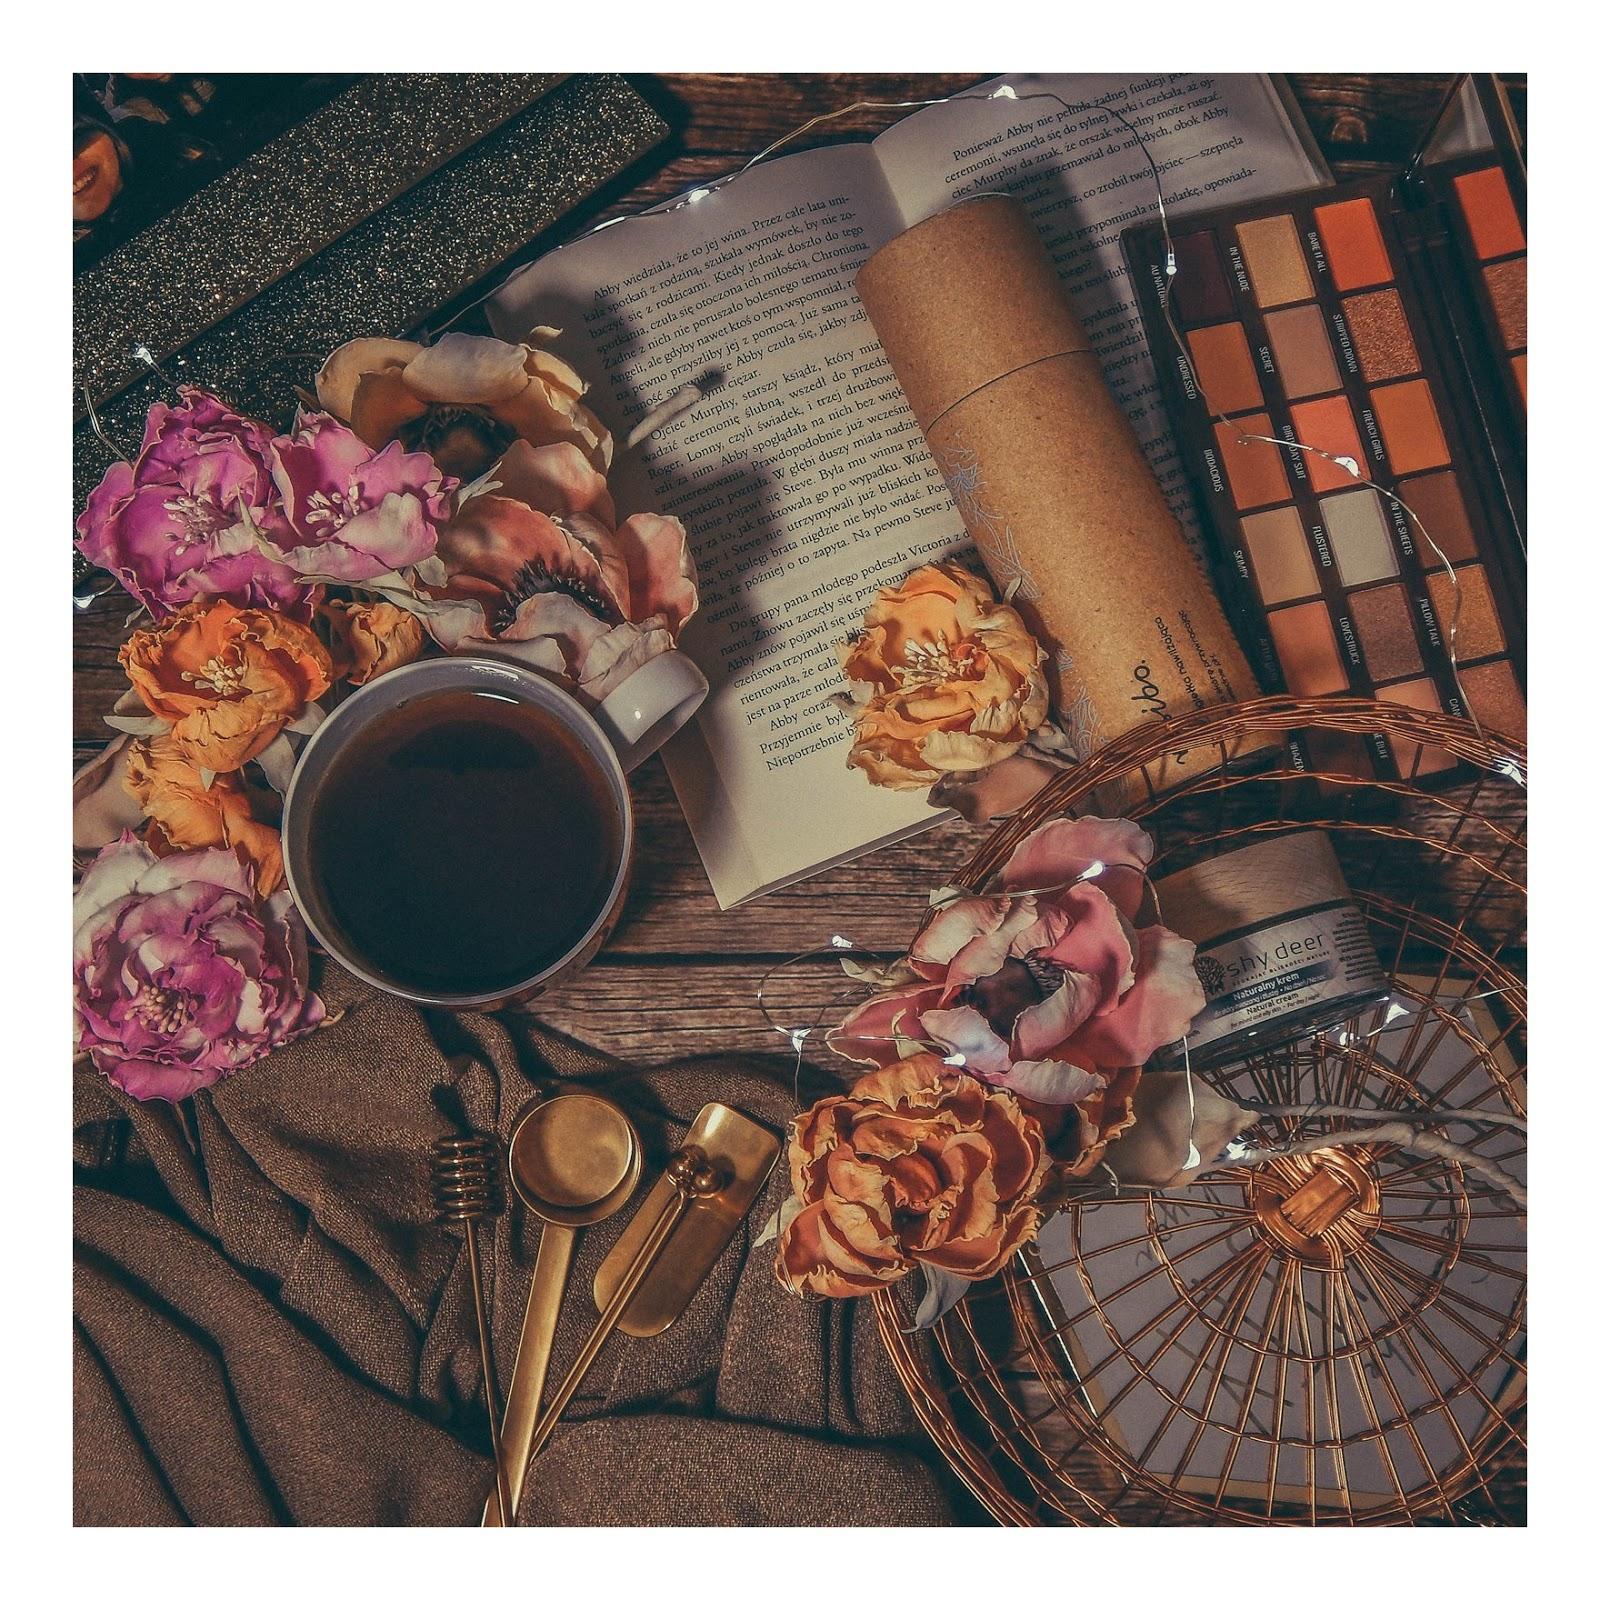 sztuczne kwiaty jak żywe wianki ślubne nietypowe kartki ślubne zaproszenia na roczek na urodziny na rocznicę imieniny diy do it yourself ręcznie robione kwiaty wywiad pomysł na biznes moonbird jak zrobić kwiatki